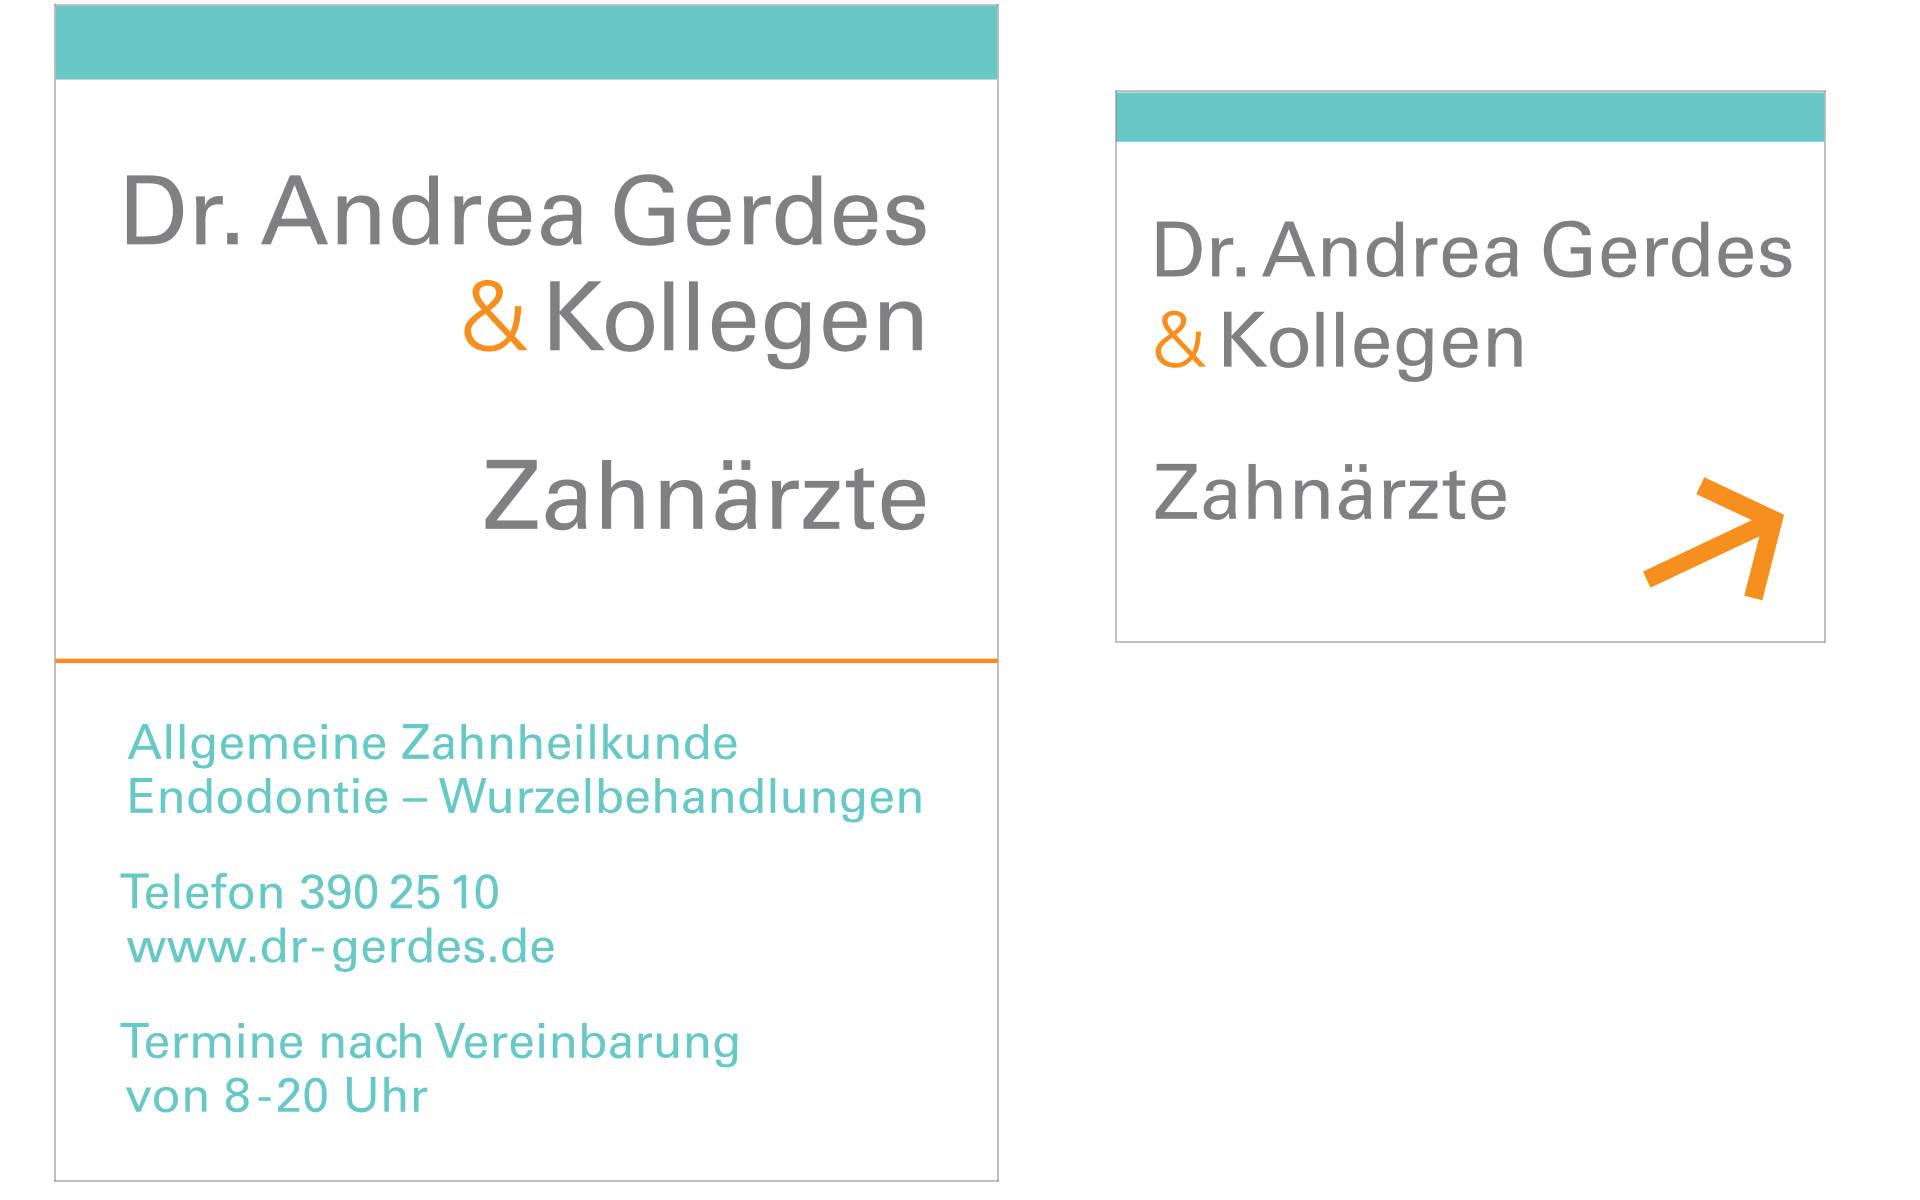 Dr Gerdes Zahnarztpraxis Beschilderung Design Berlin